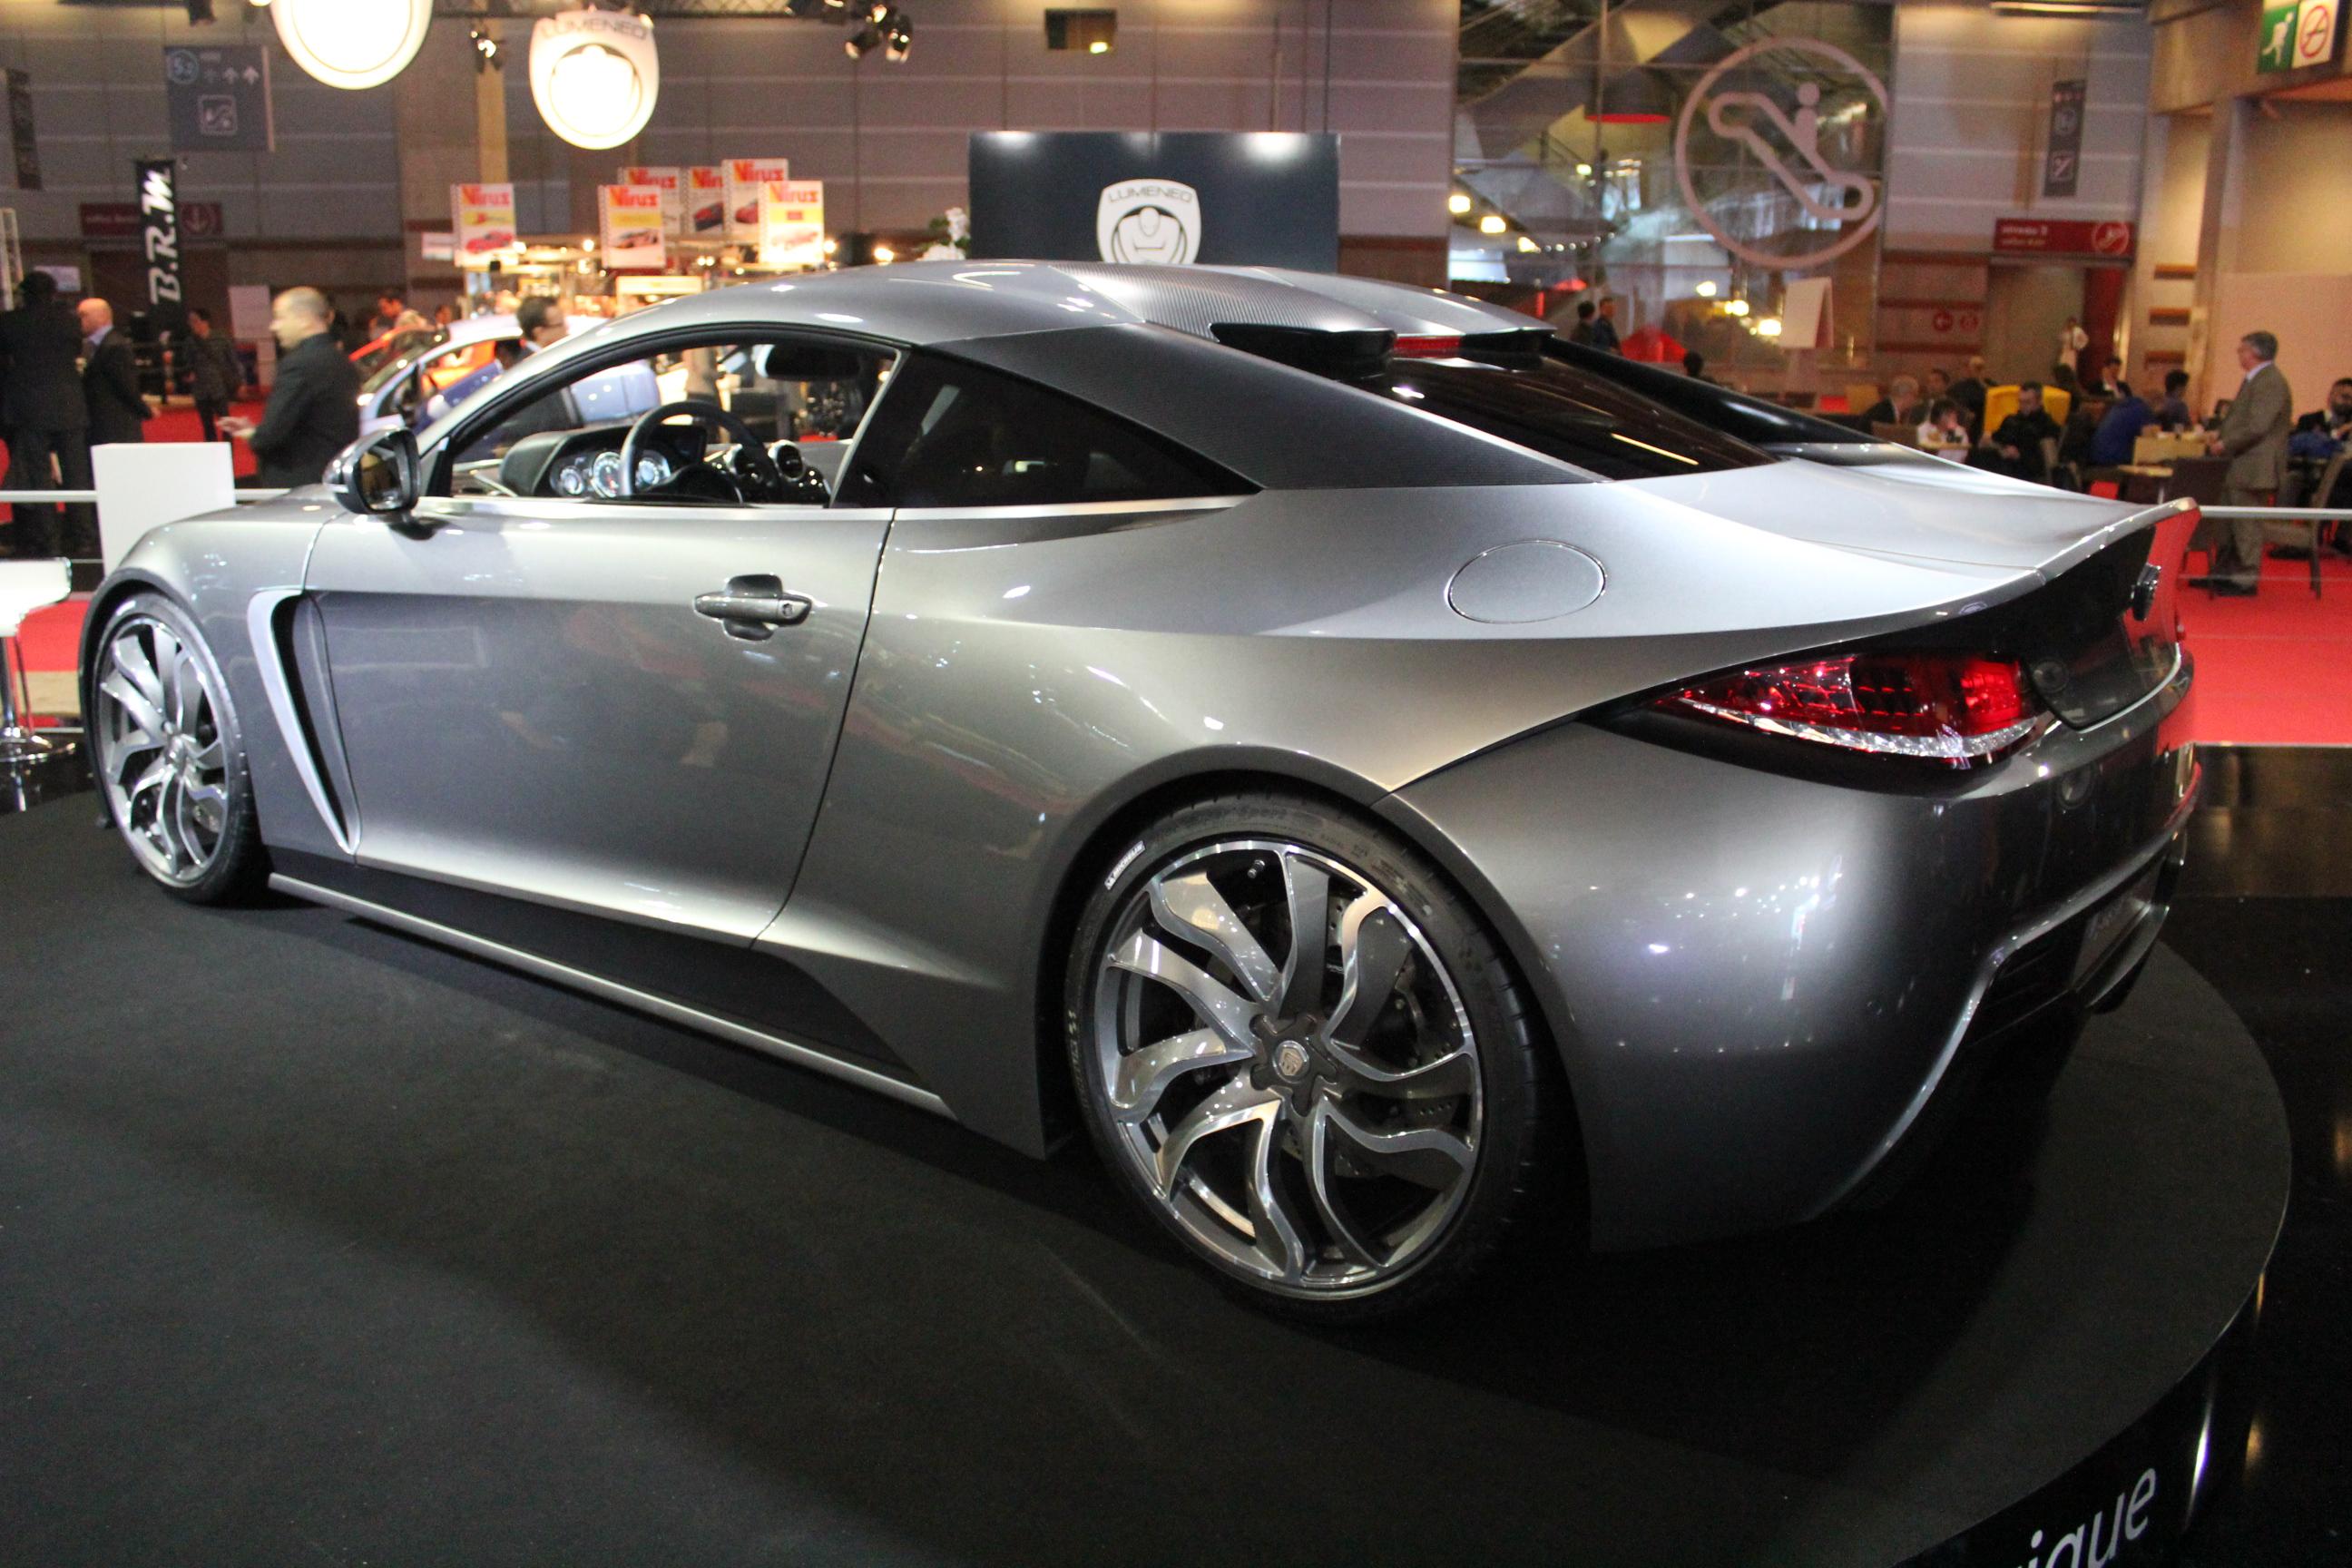 http://images.caradisiac.com/images/1/3/7/5/81375/S0-En-direct-du-Mondial-2012-Exagon-Motors-Furtive-e-GT-une-Fisker-Karma-a-la-francaise-274395.jpg